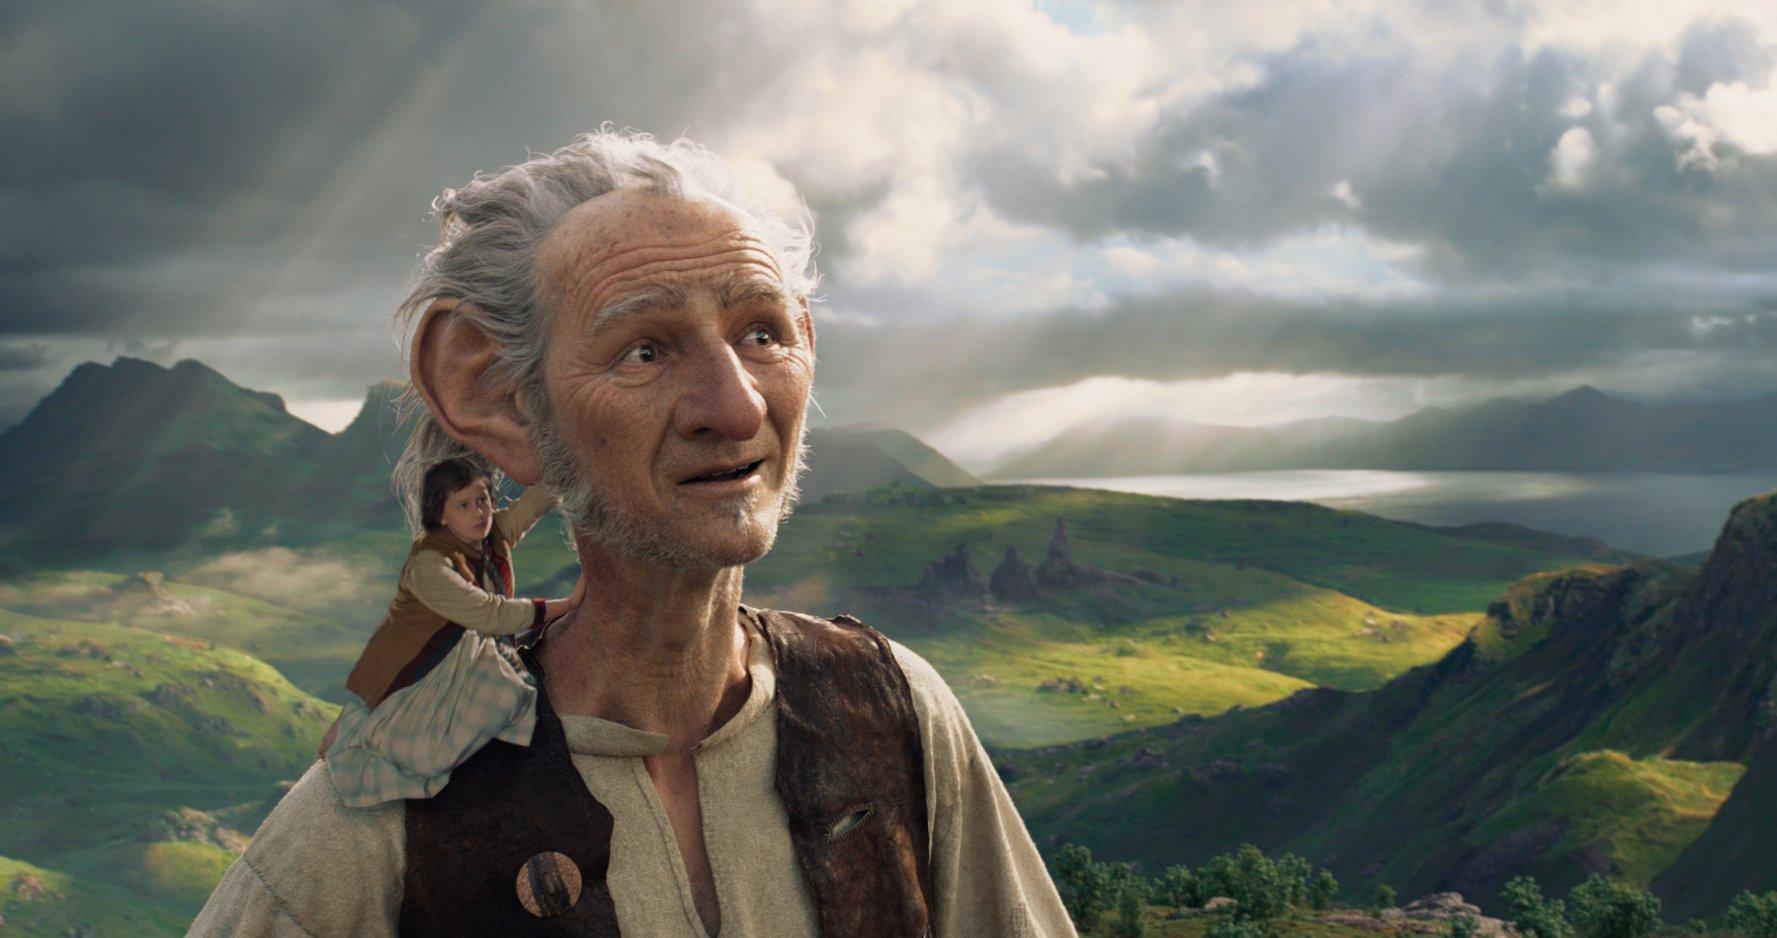 استیون اسپیلبرگ از خوشحال ترین فیلمش گفت!+تصاویر